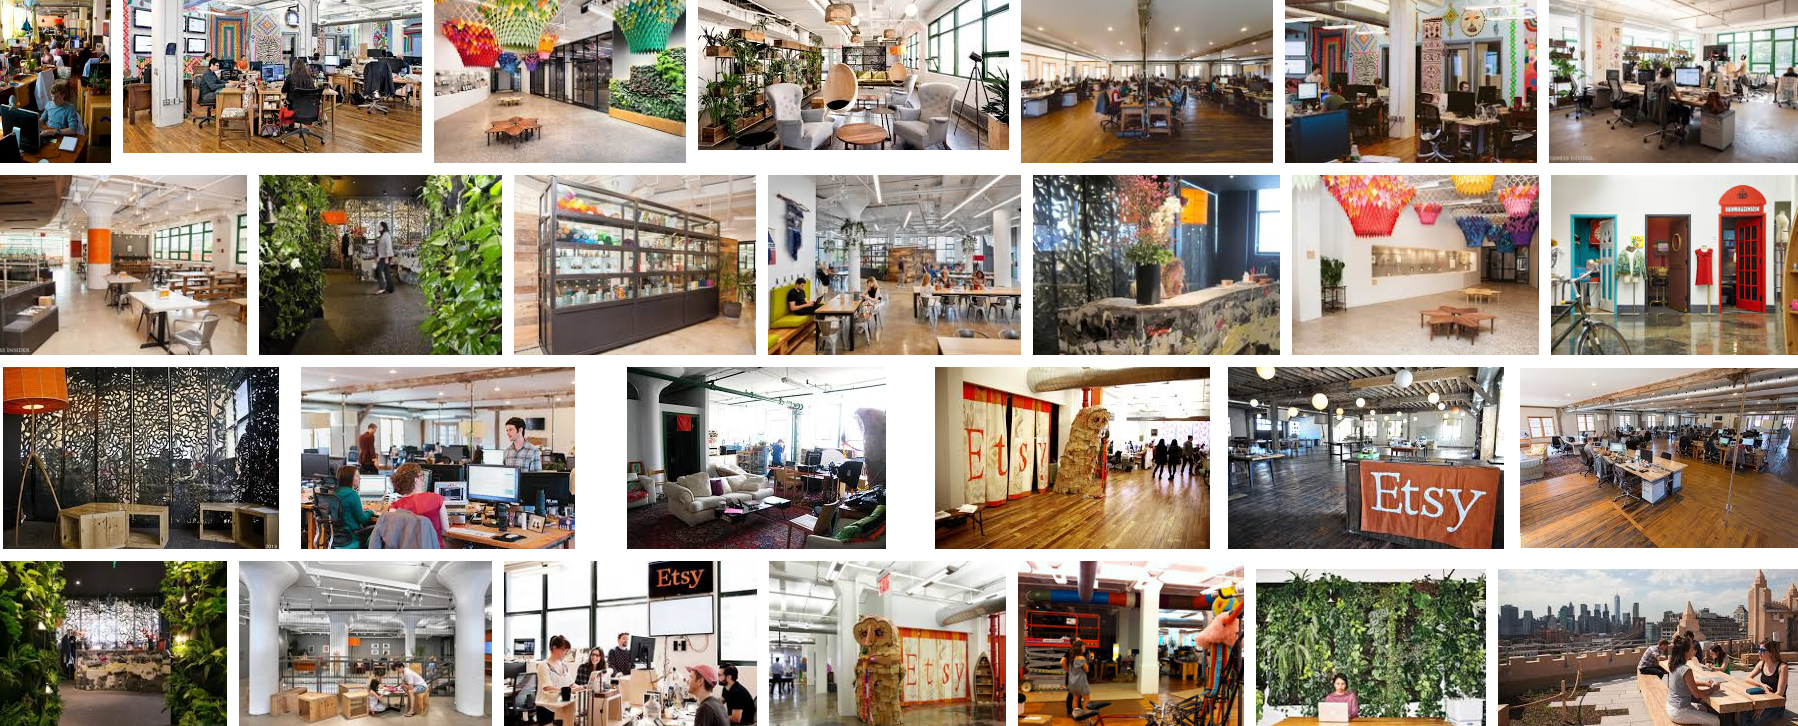 Etsy-Offices-Brooklyn-NY